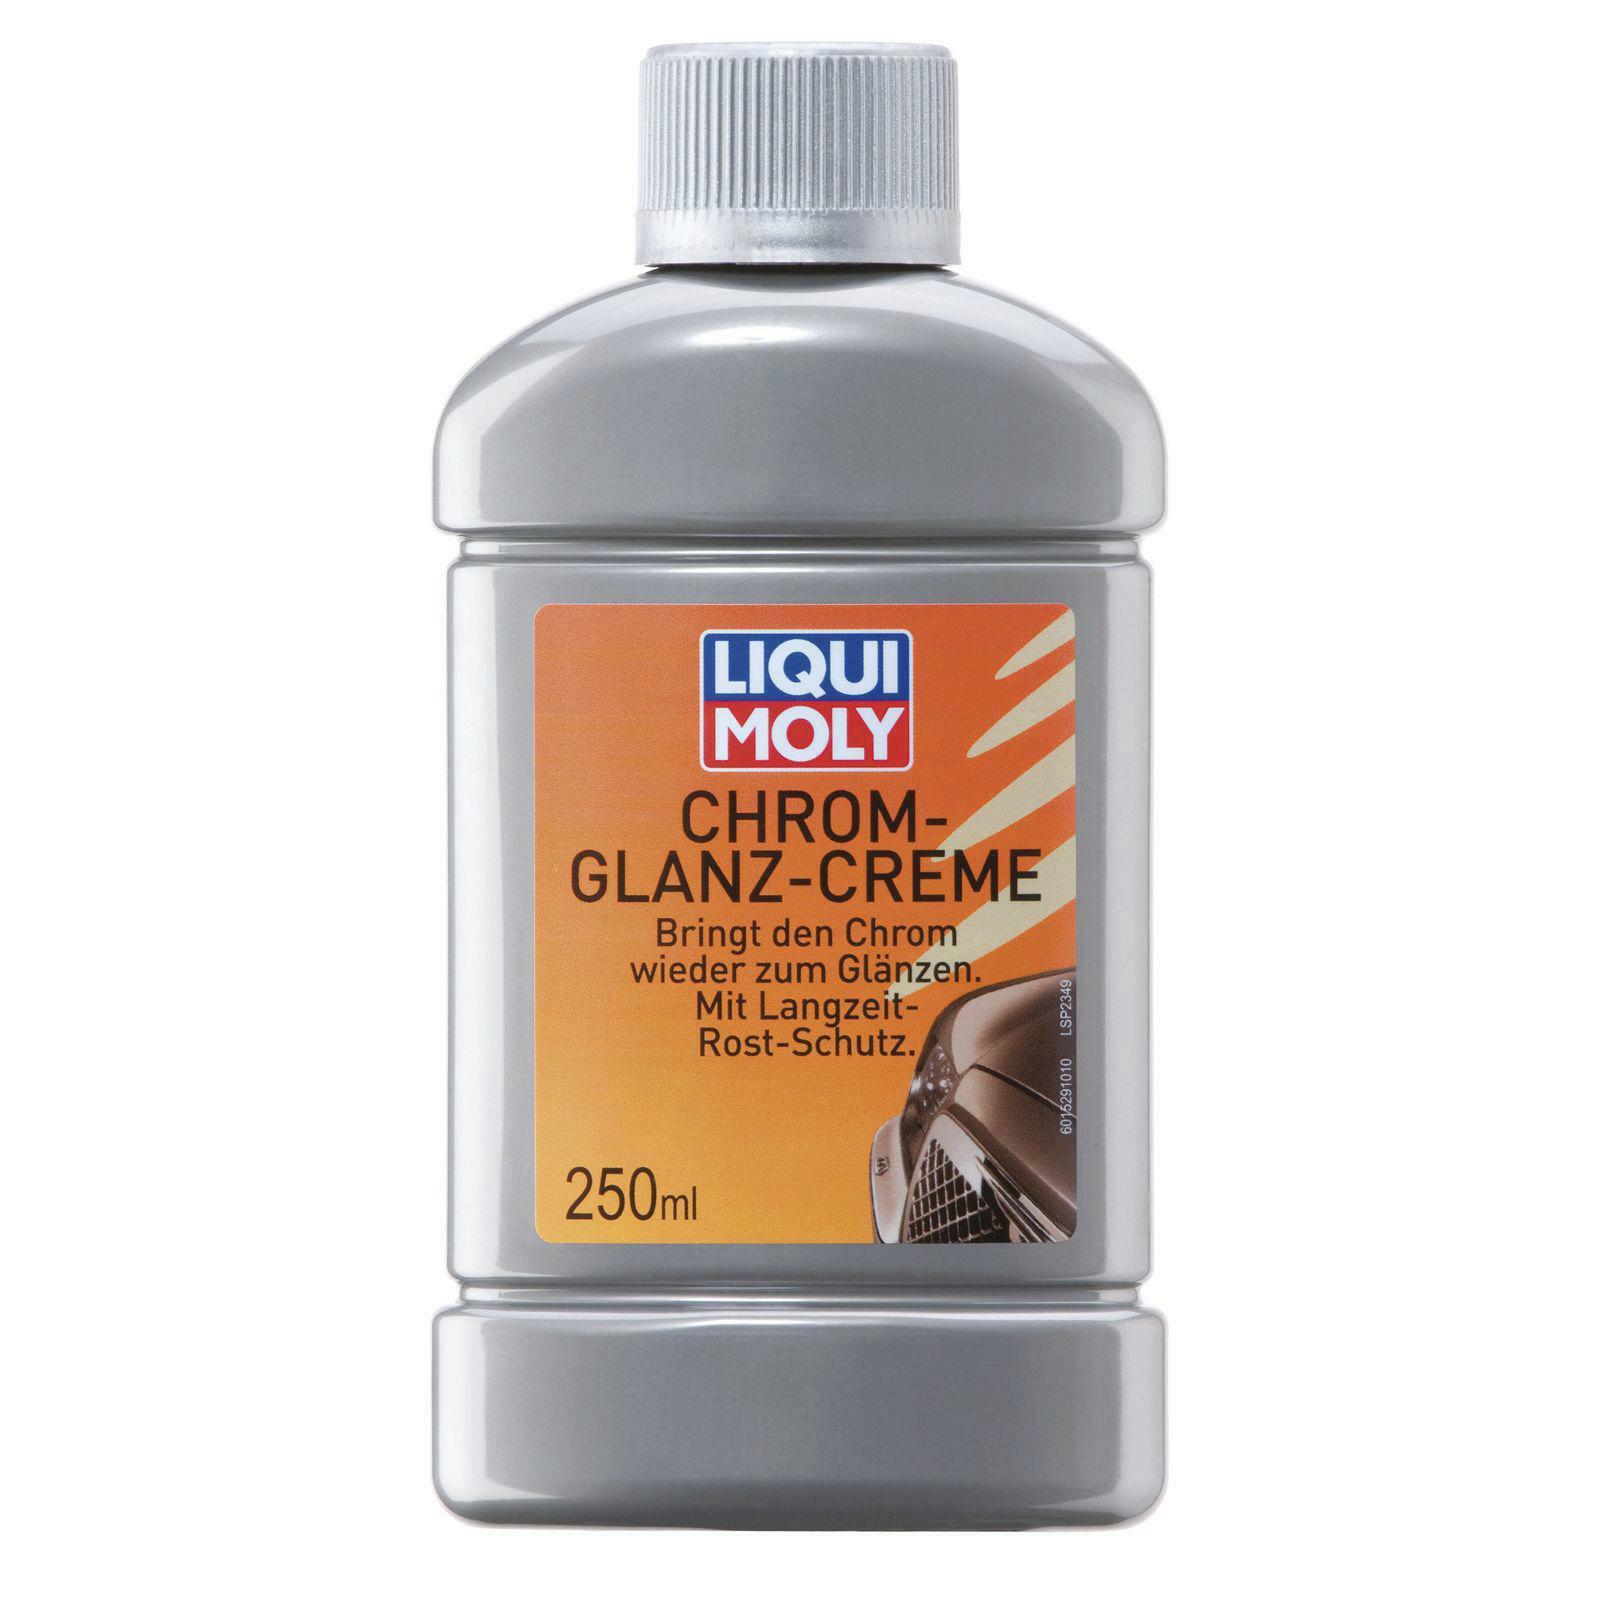 Liqui Moly Chrom-Glanz-Creme 250ml